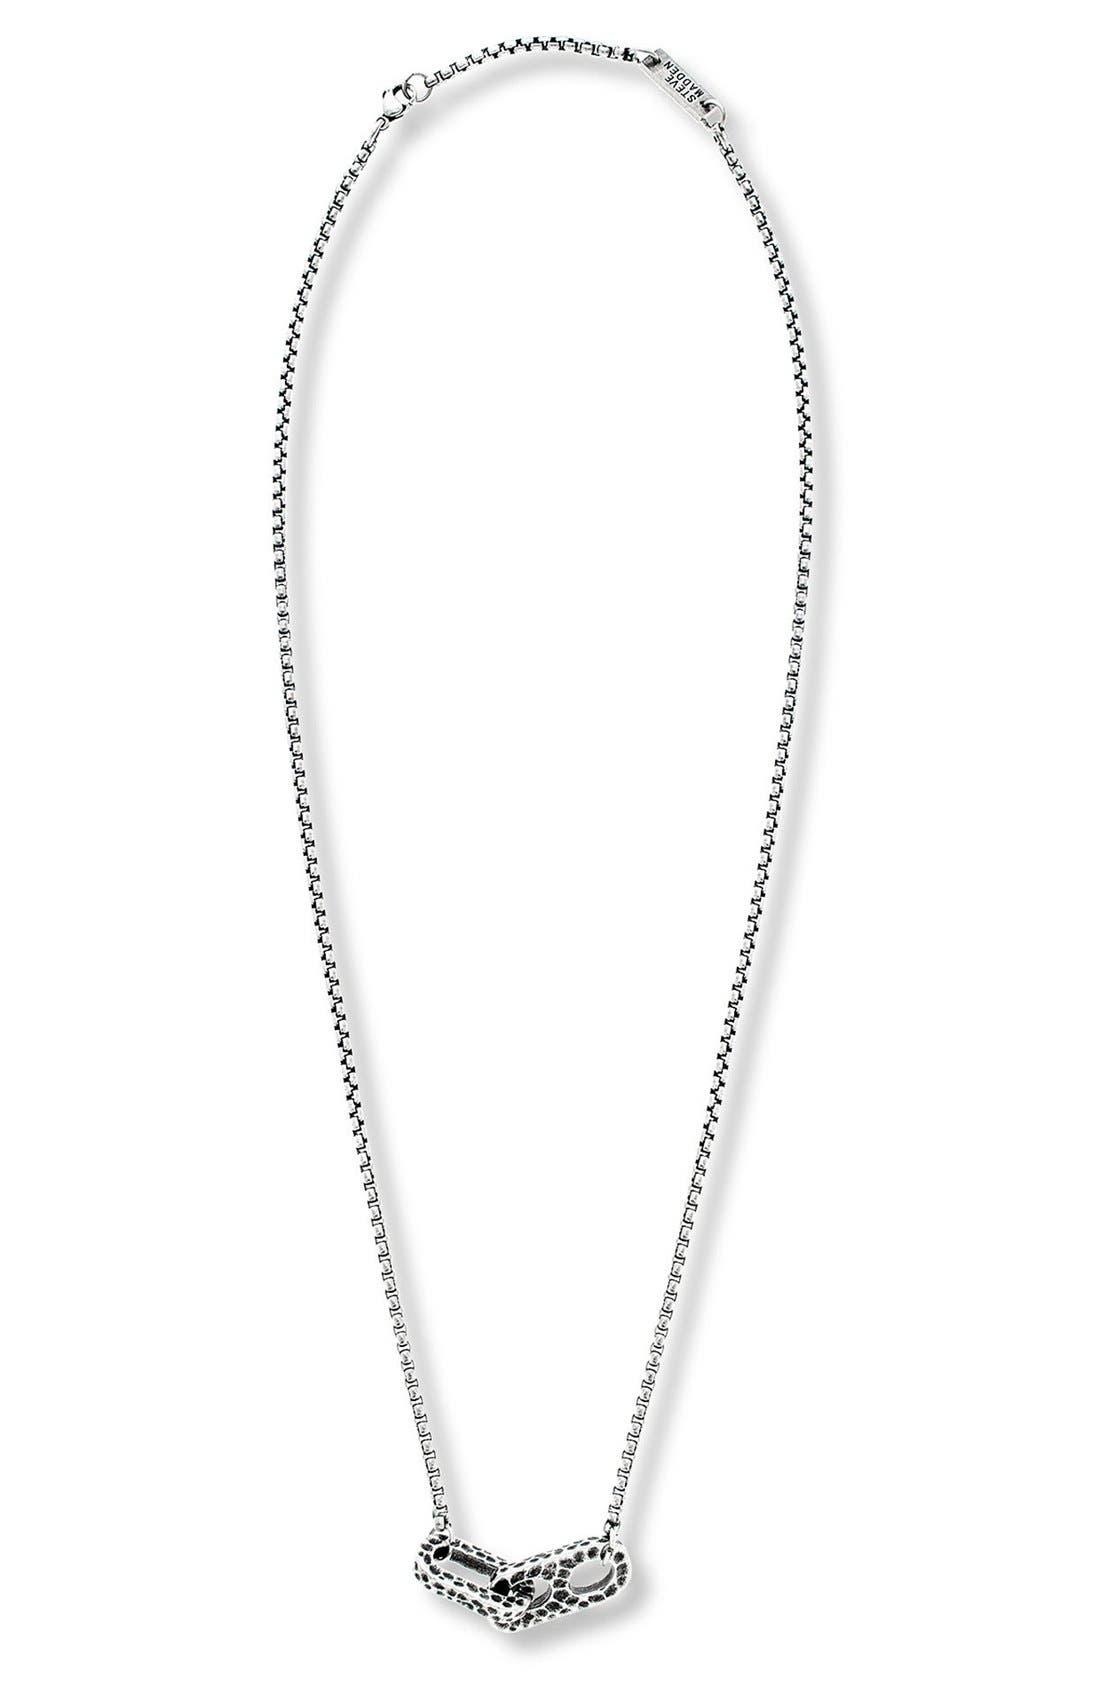 Alternate Image 1 Selected - Steve Madden Hammered Link Pendant Necklace